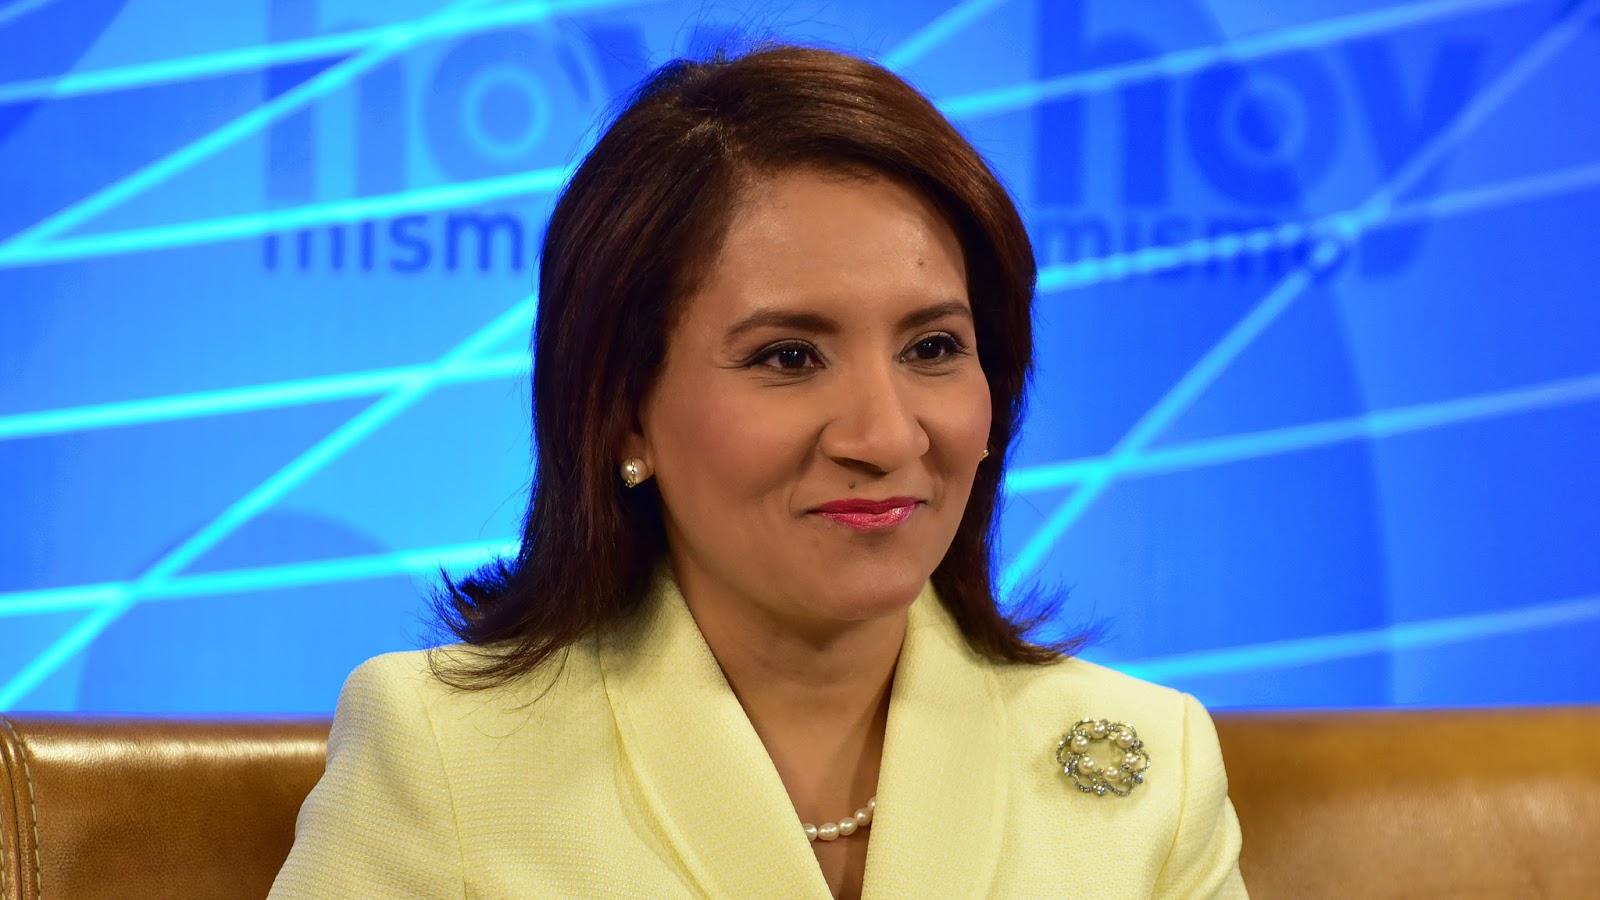 """Zoraima Cuello: """"Ningún dominicano será perjudicado con la tasa para financiamiento 911"""""""